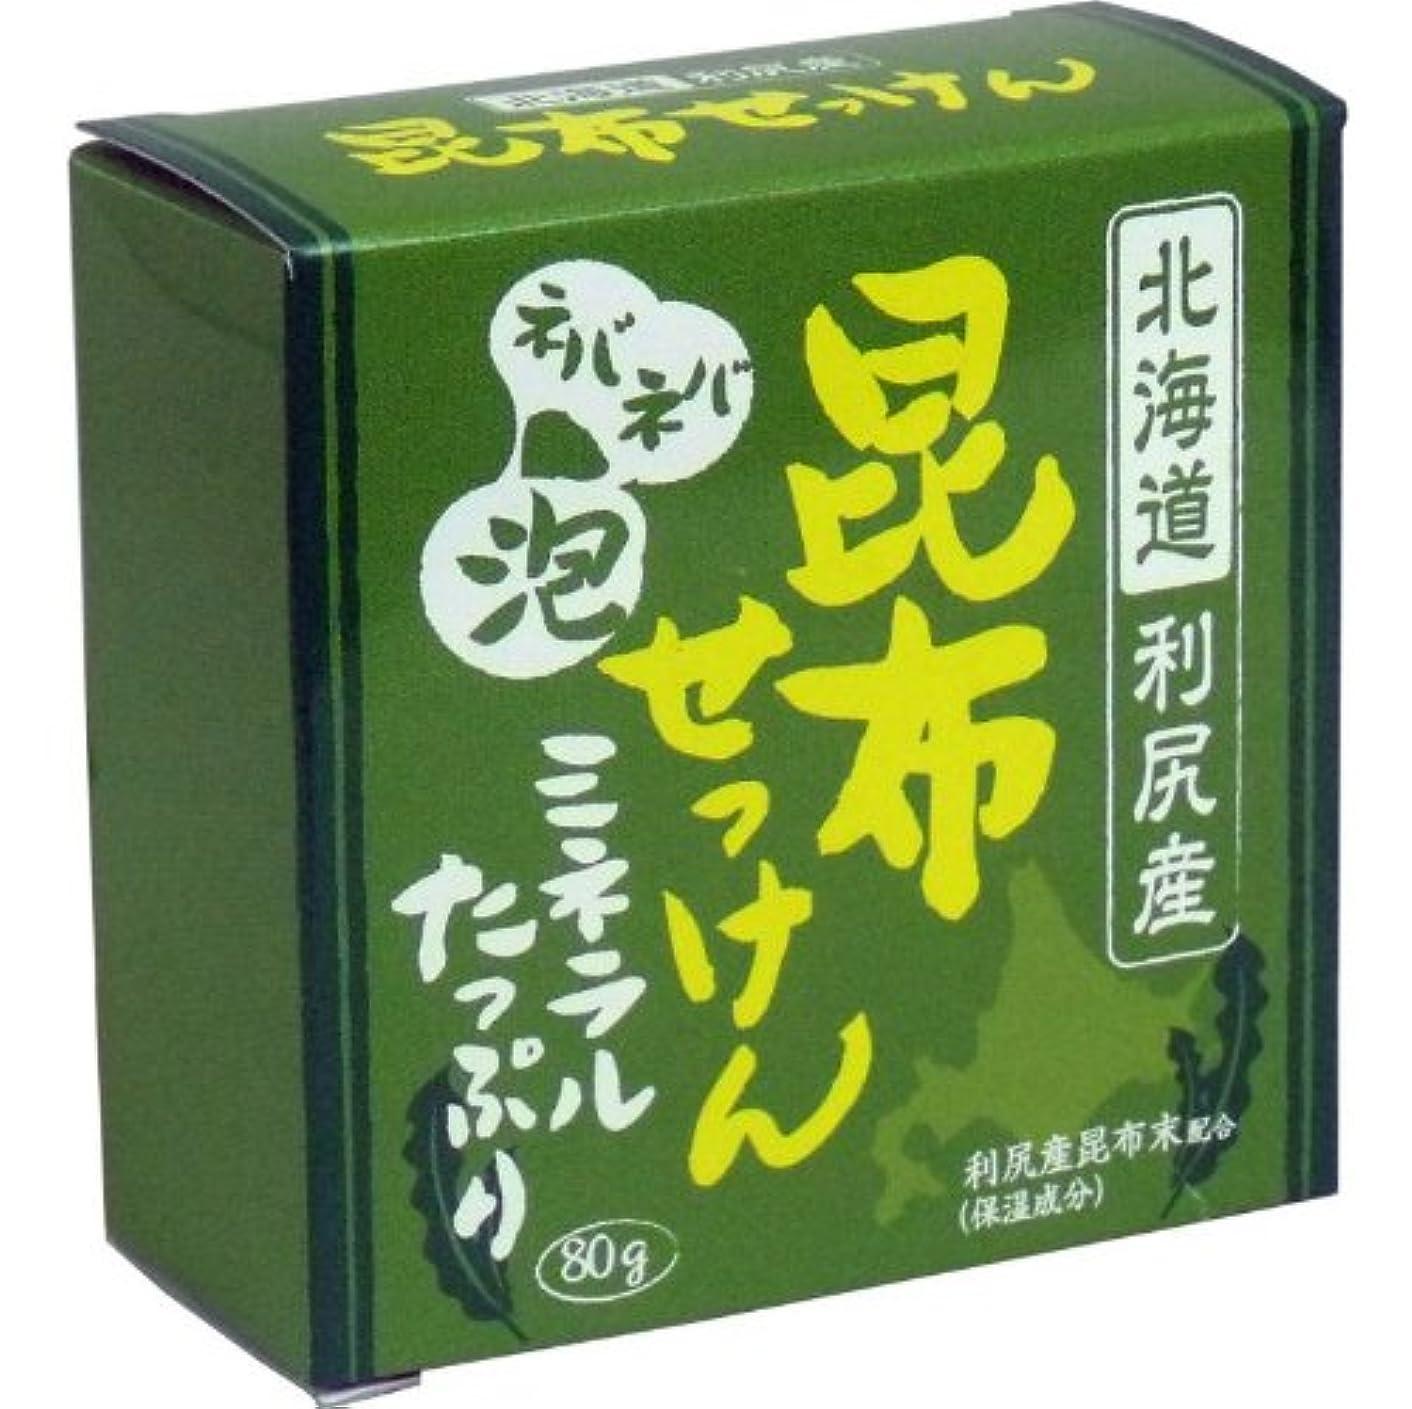 法廷刺繍染色北海道利尻産昆布末配合!!ミネラルたっぷりの化粧石鹸です!3個セット